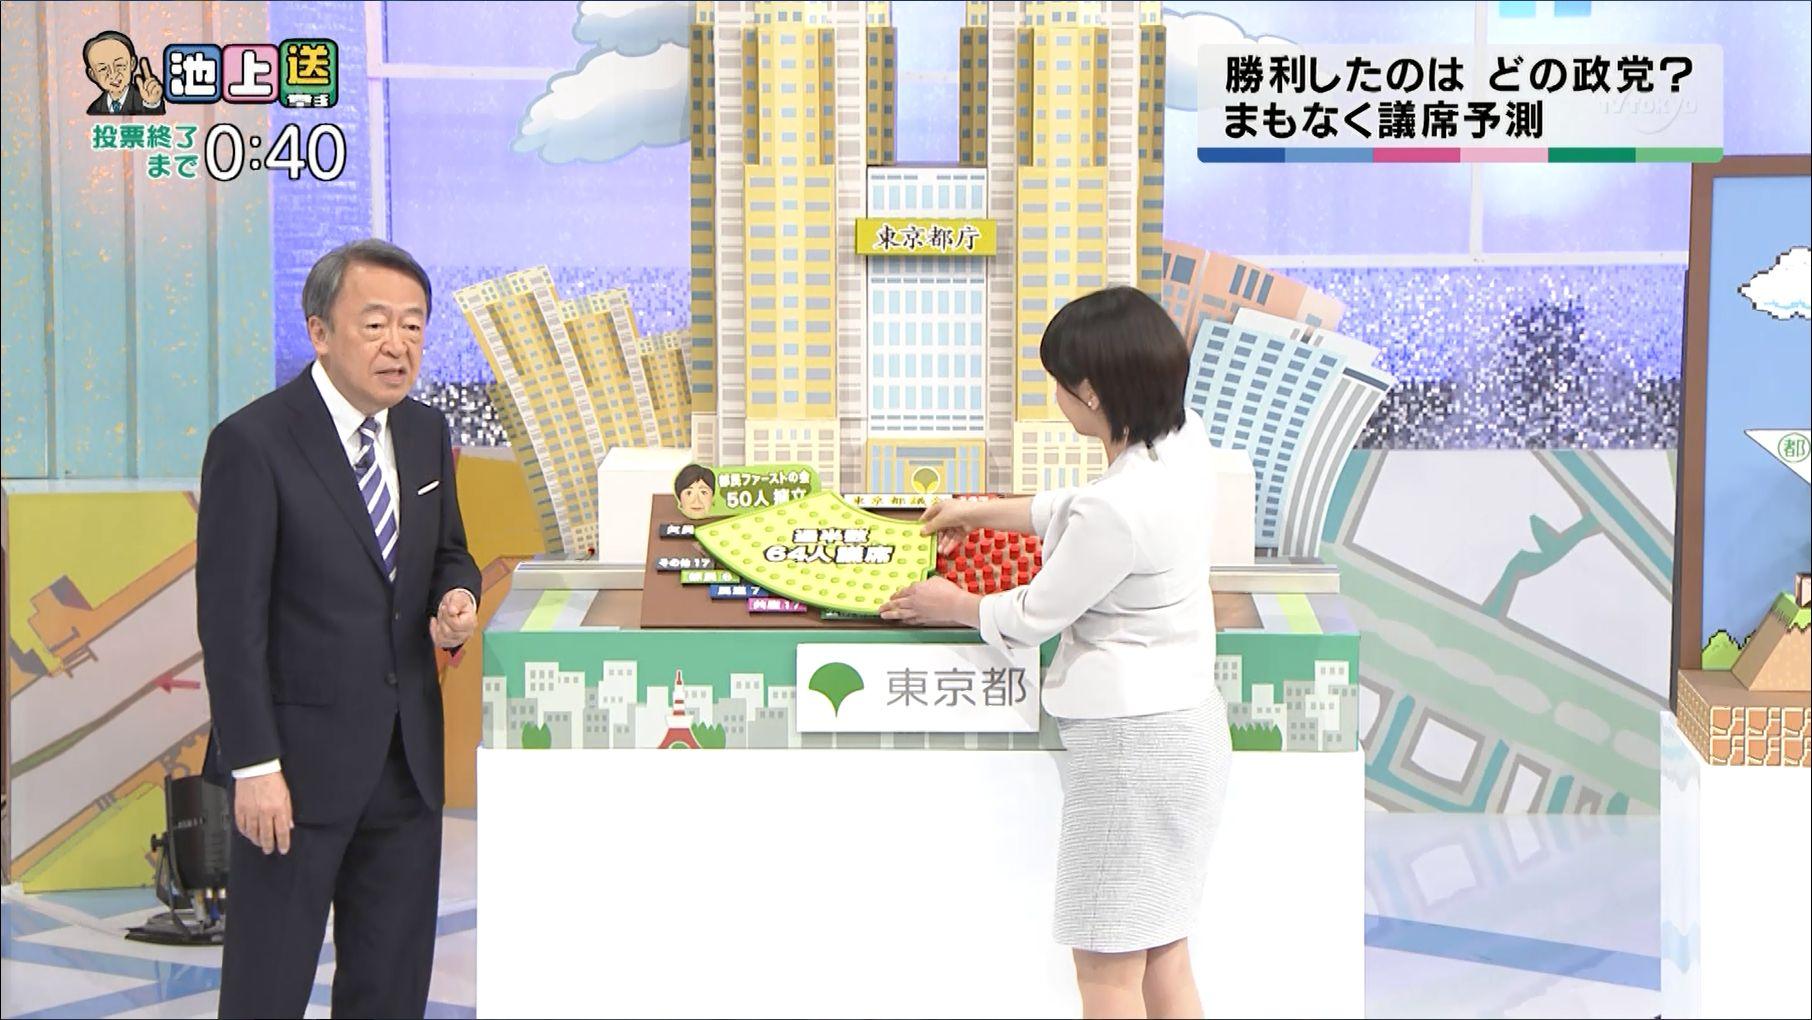 相内優香アナと大江麻理子アナ 池上彰の都議選ライブ